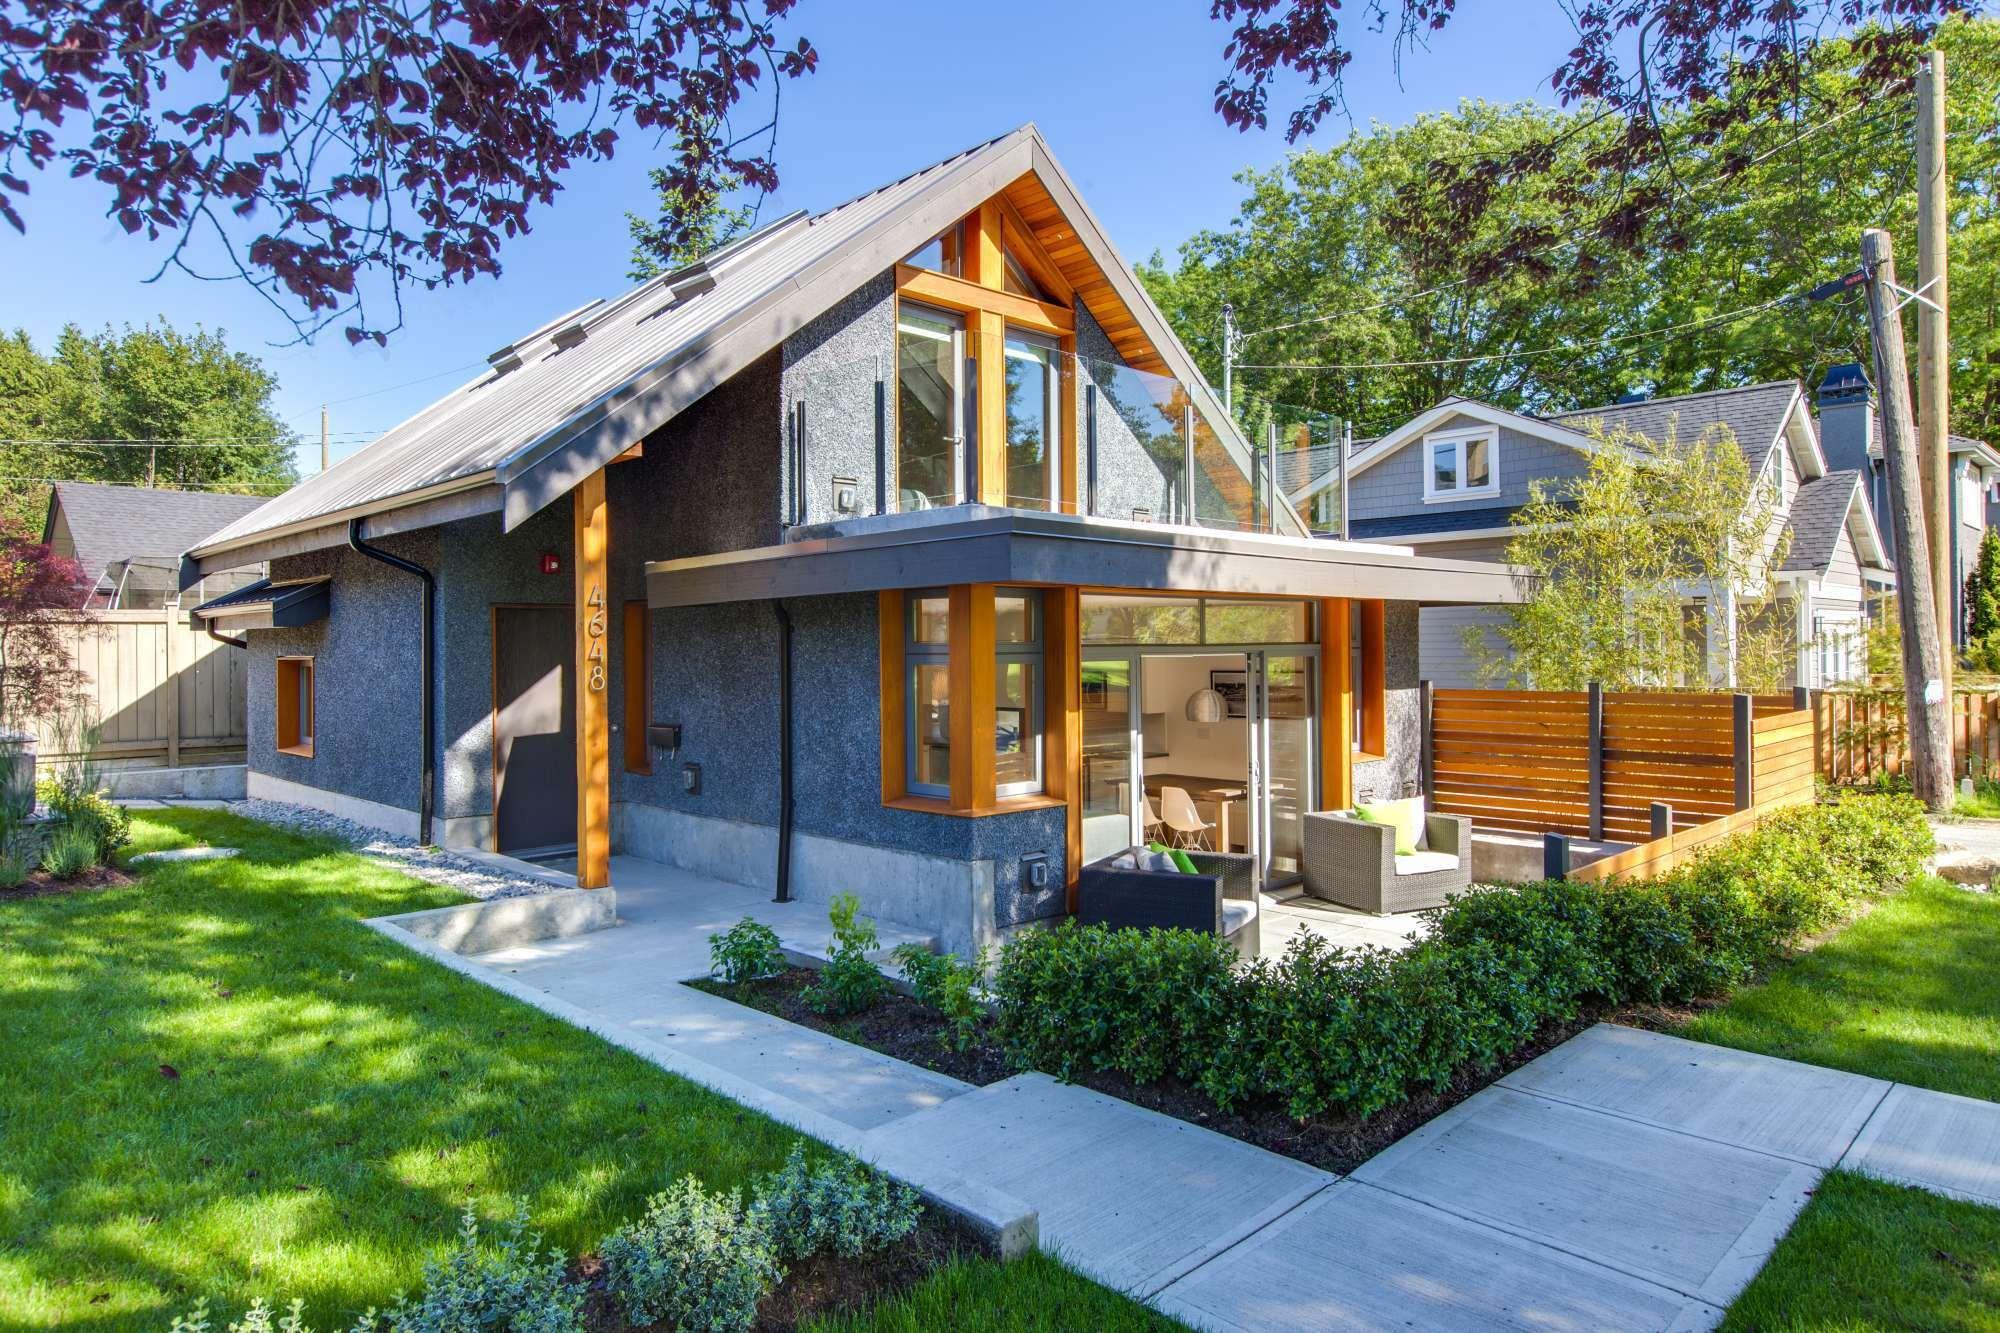 Super Efficient Small House Plans